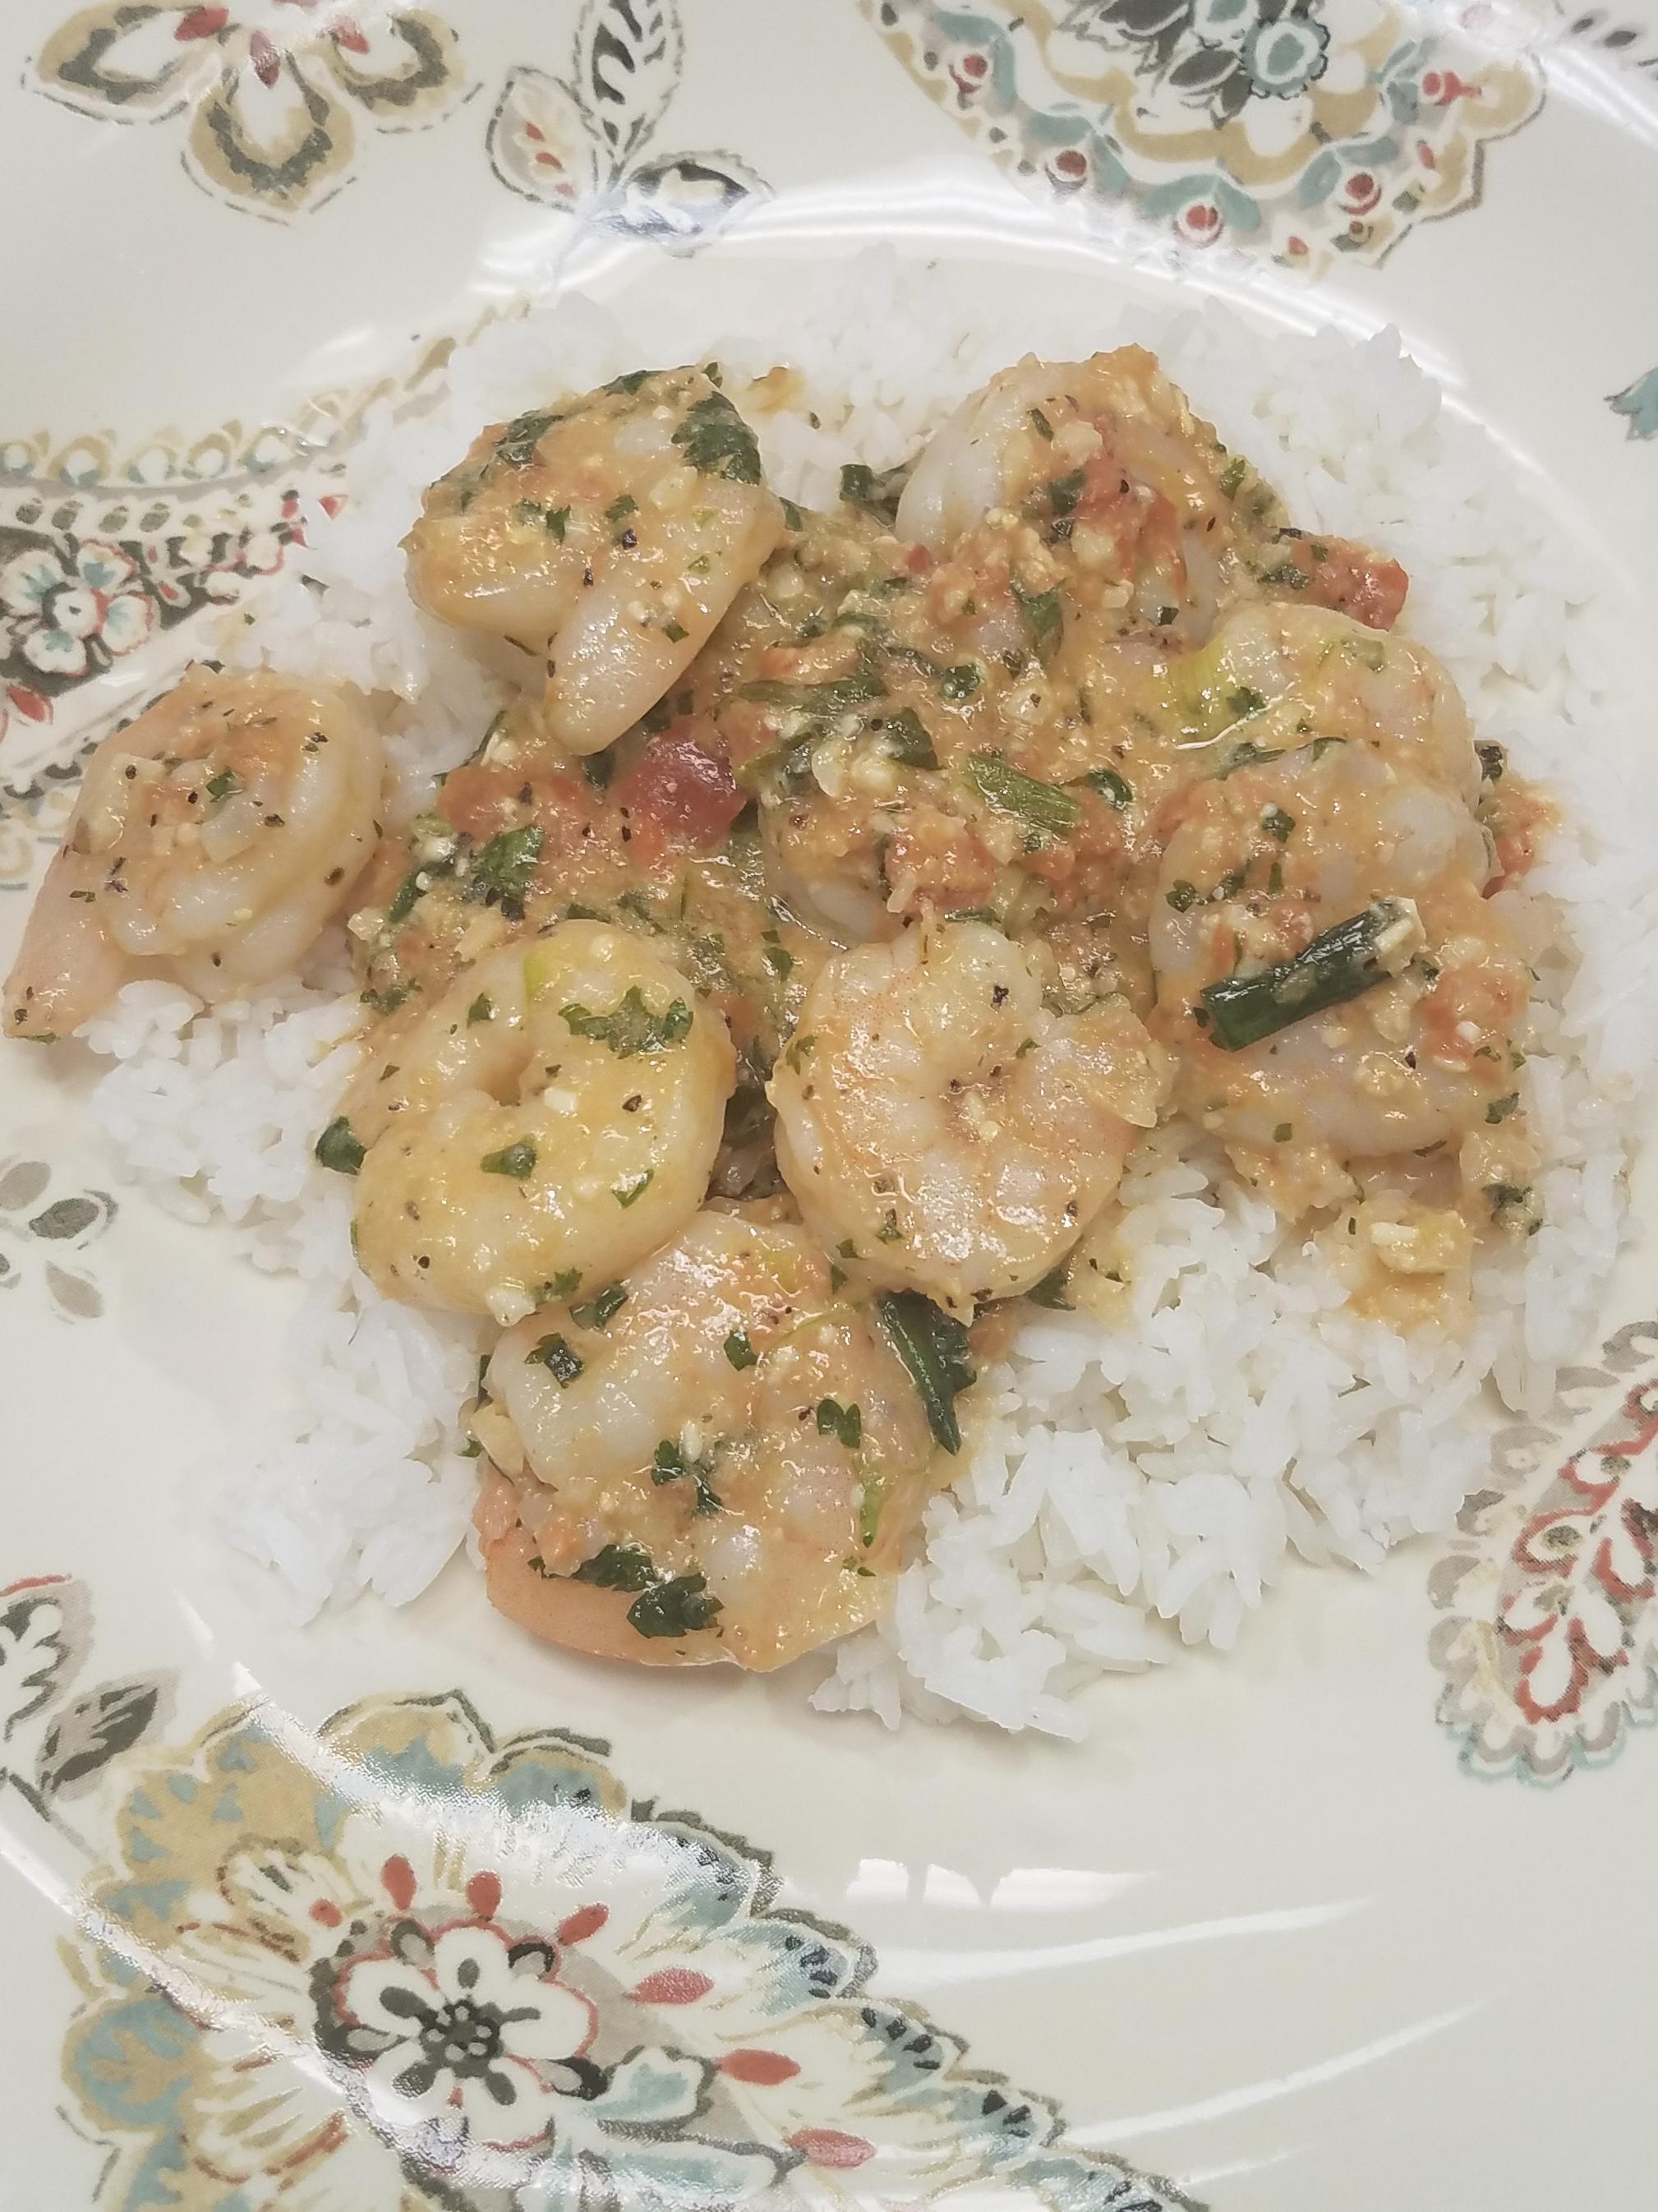 Texas Pesto Shrimp over Rice